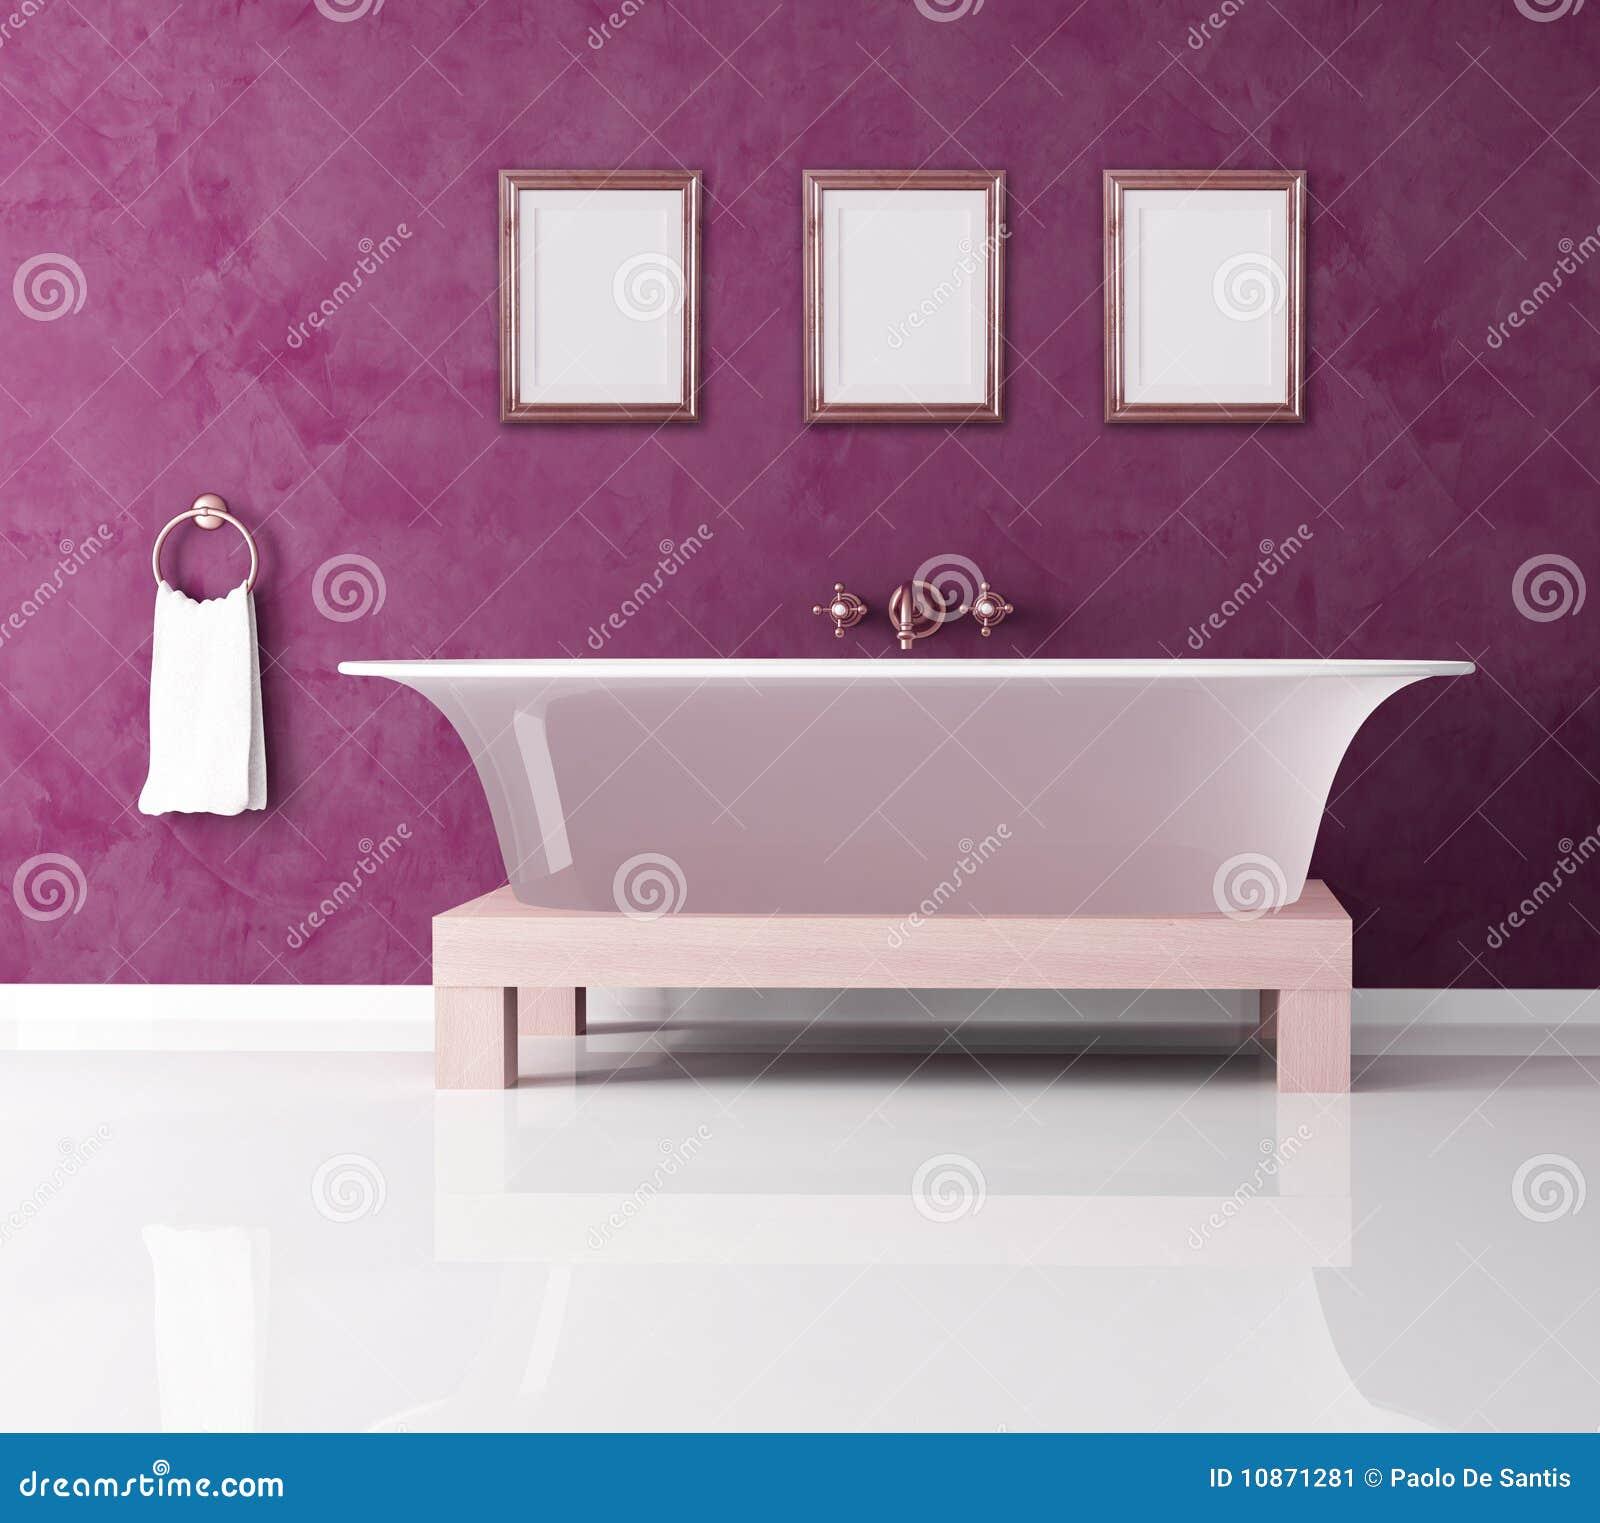 Purple Bathroom Pictures - Purple bathroom